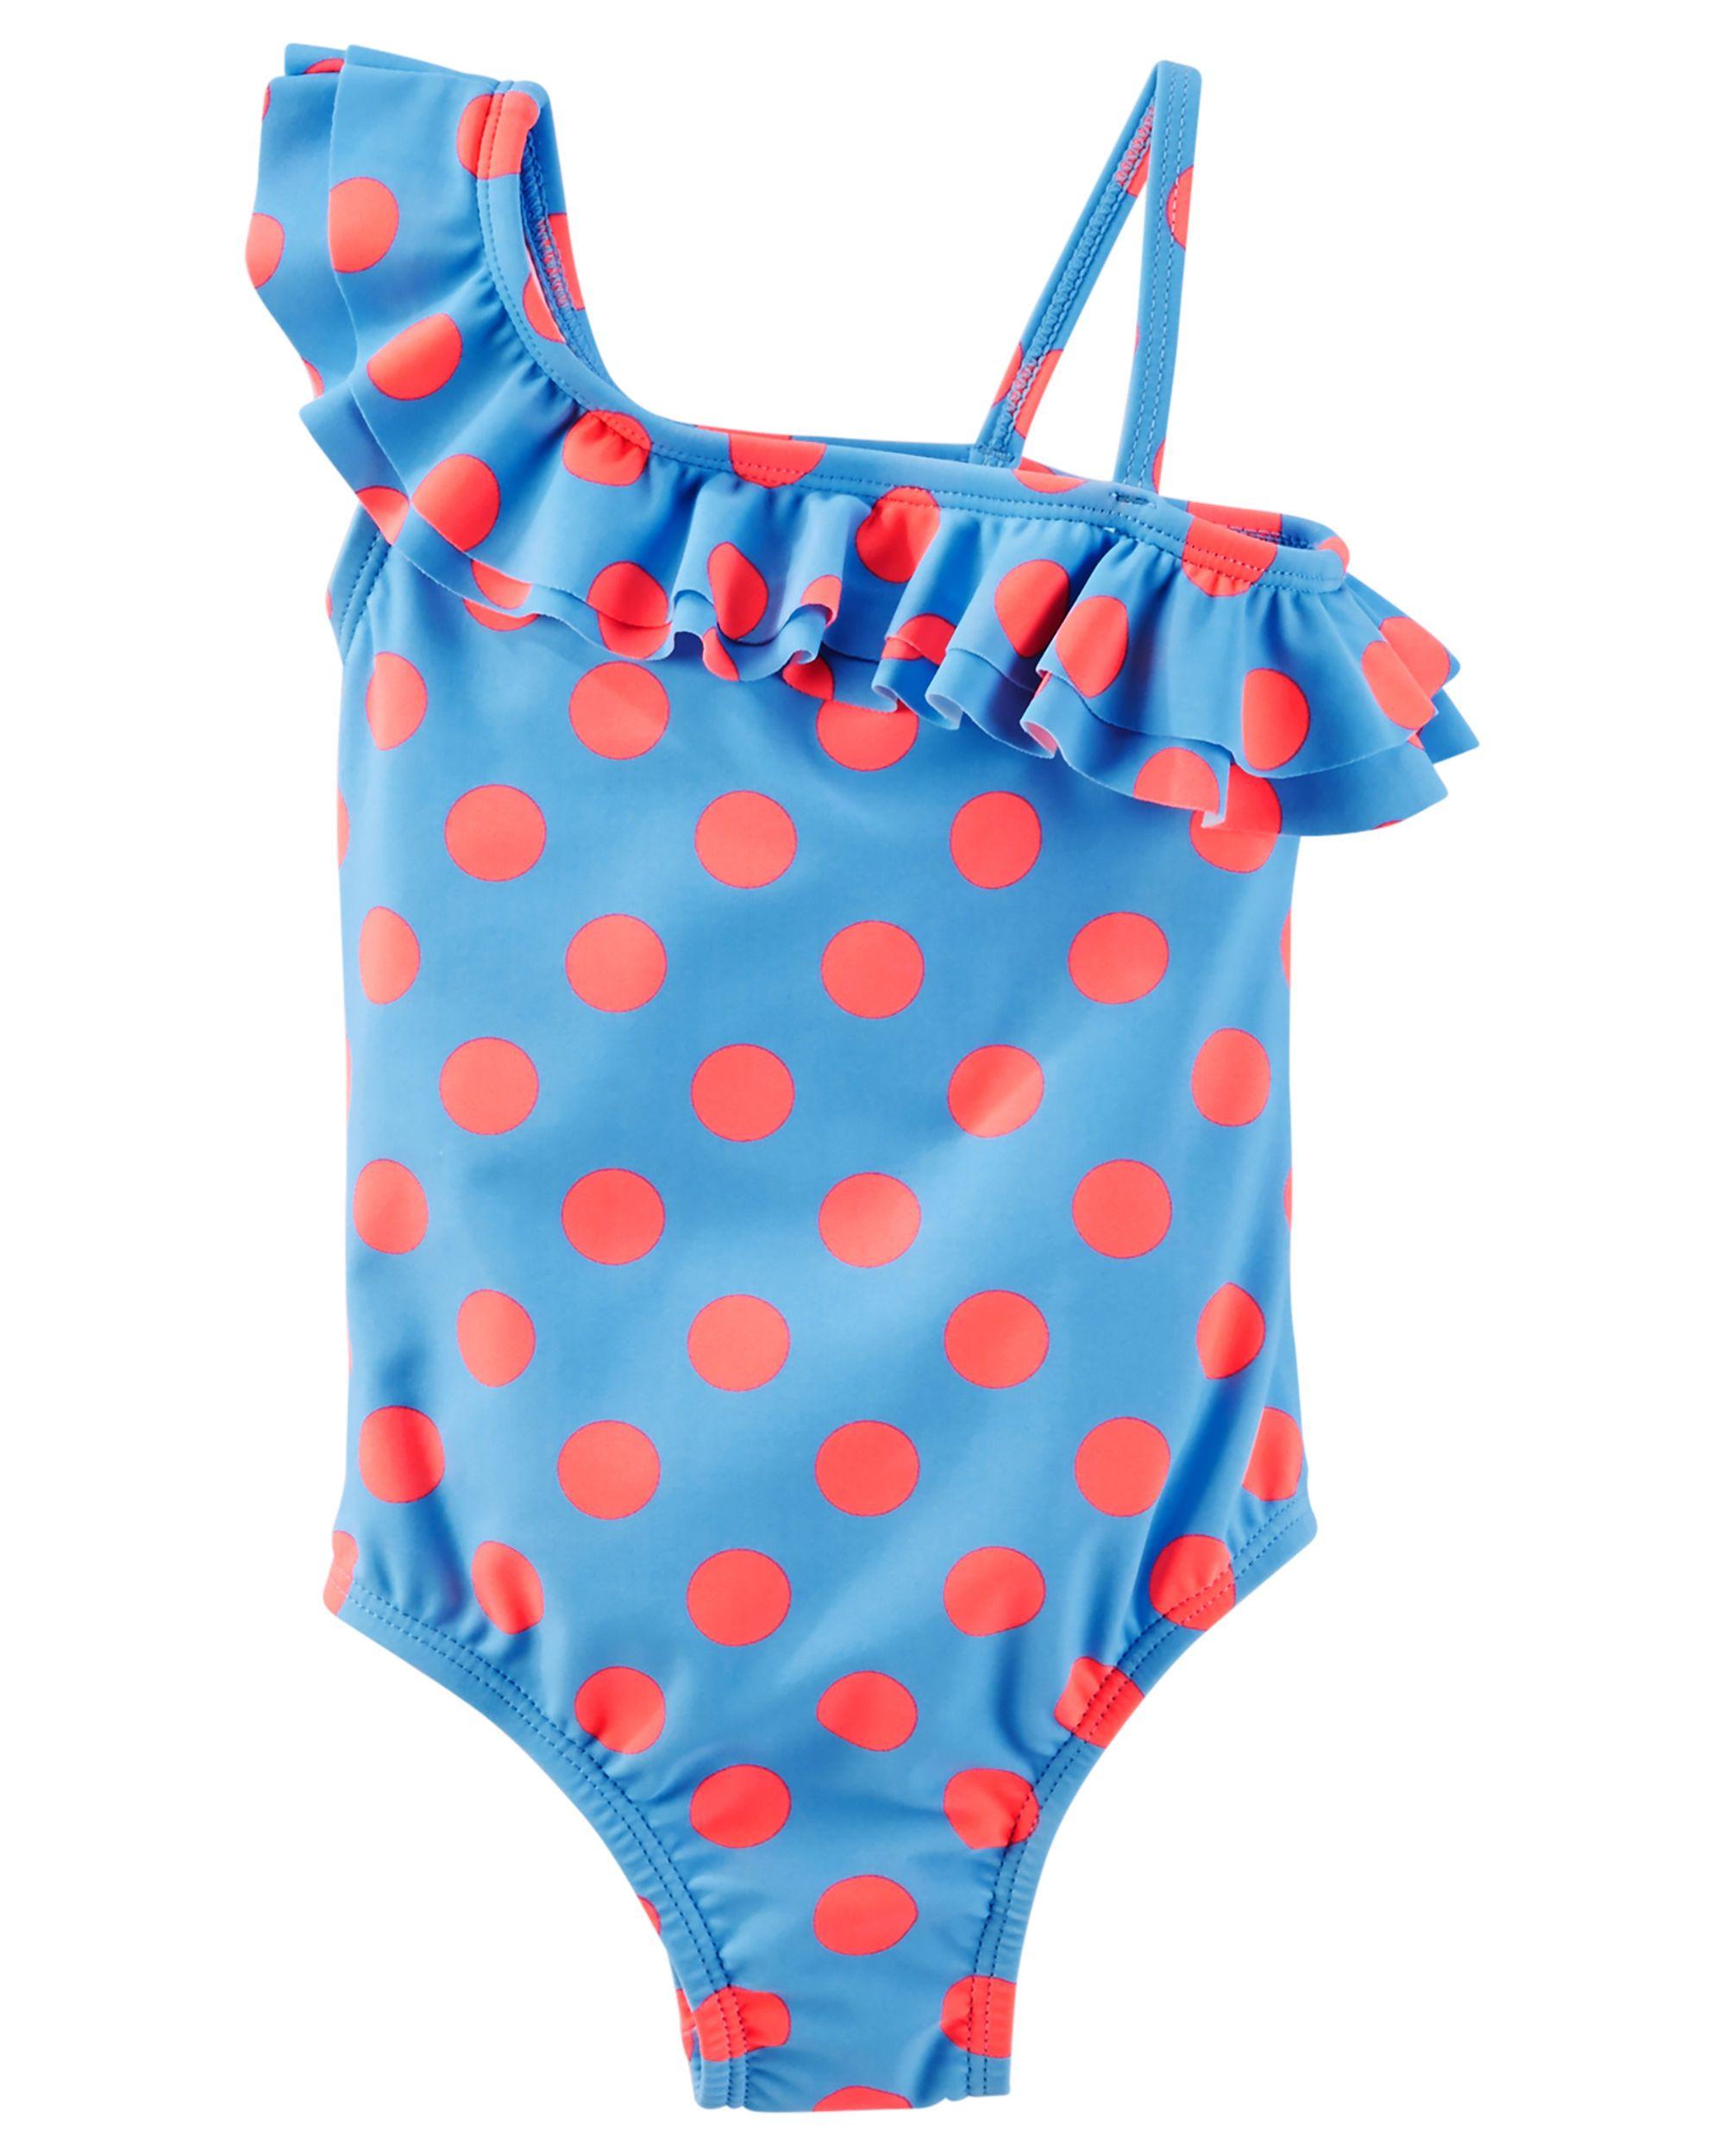 fd75278eab4f8 OshKosh B Gosh. OshKosh B Gosh Baby Girl Swimsuit ...